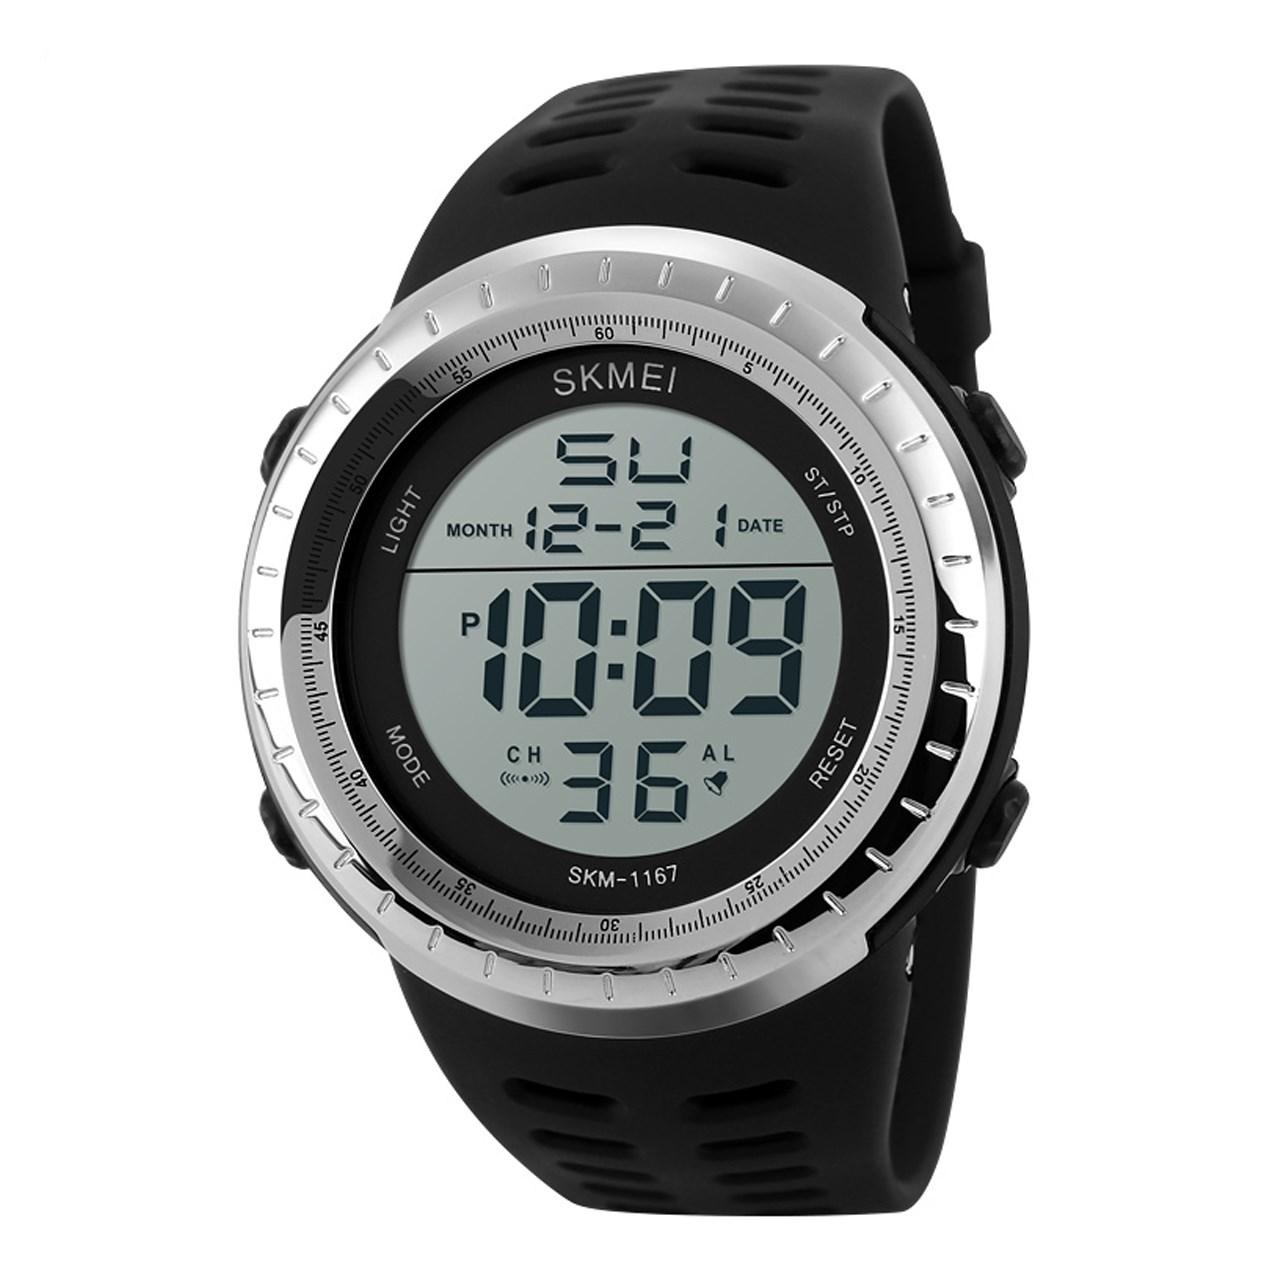 ساعت مچی دیجیتالی مردانه اسکمی مدل 1167